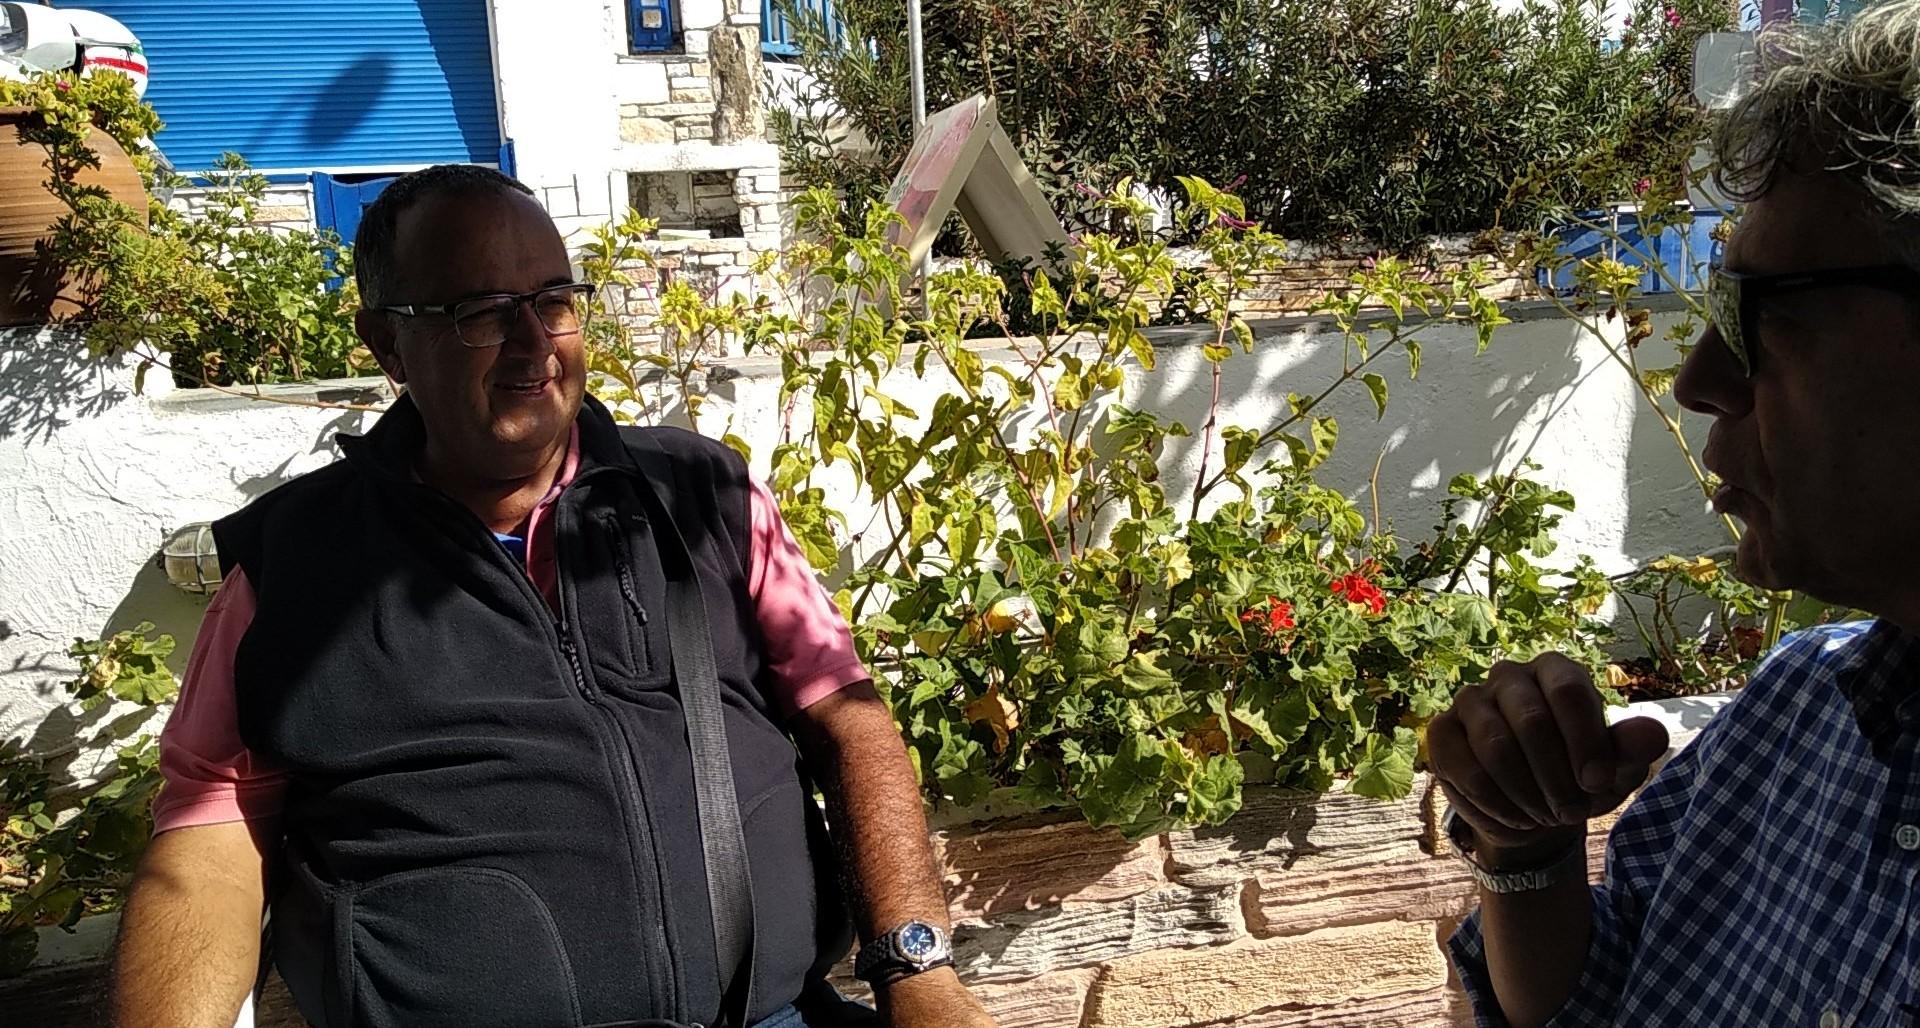 """Ο πρόεδρος της Κοινότητας Νάξου, Μ. Μαυρογιάννης, """"για όλα"""" που αφορούν στην Χώρα, στον Κυκλαδίτη... (video)"""